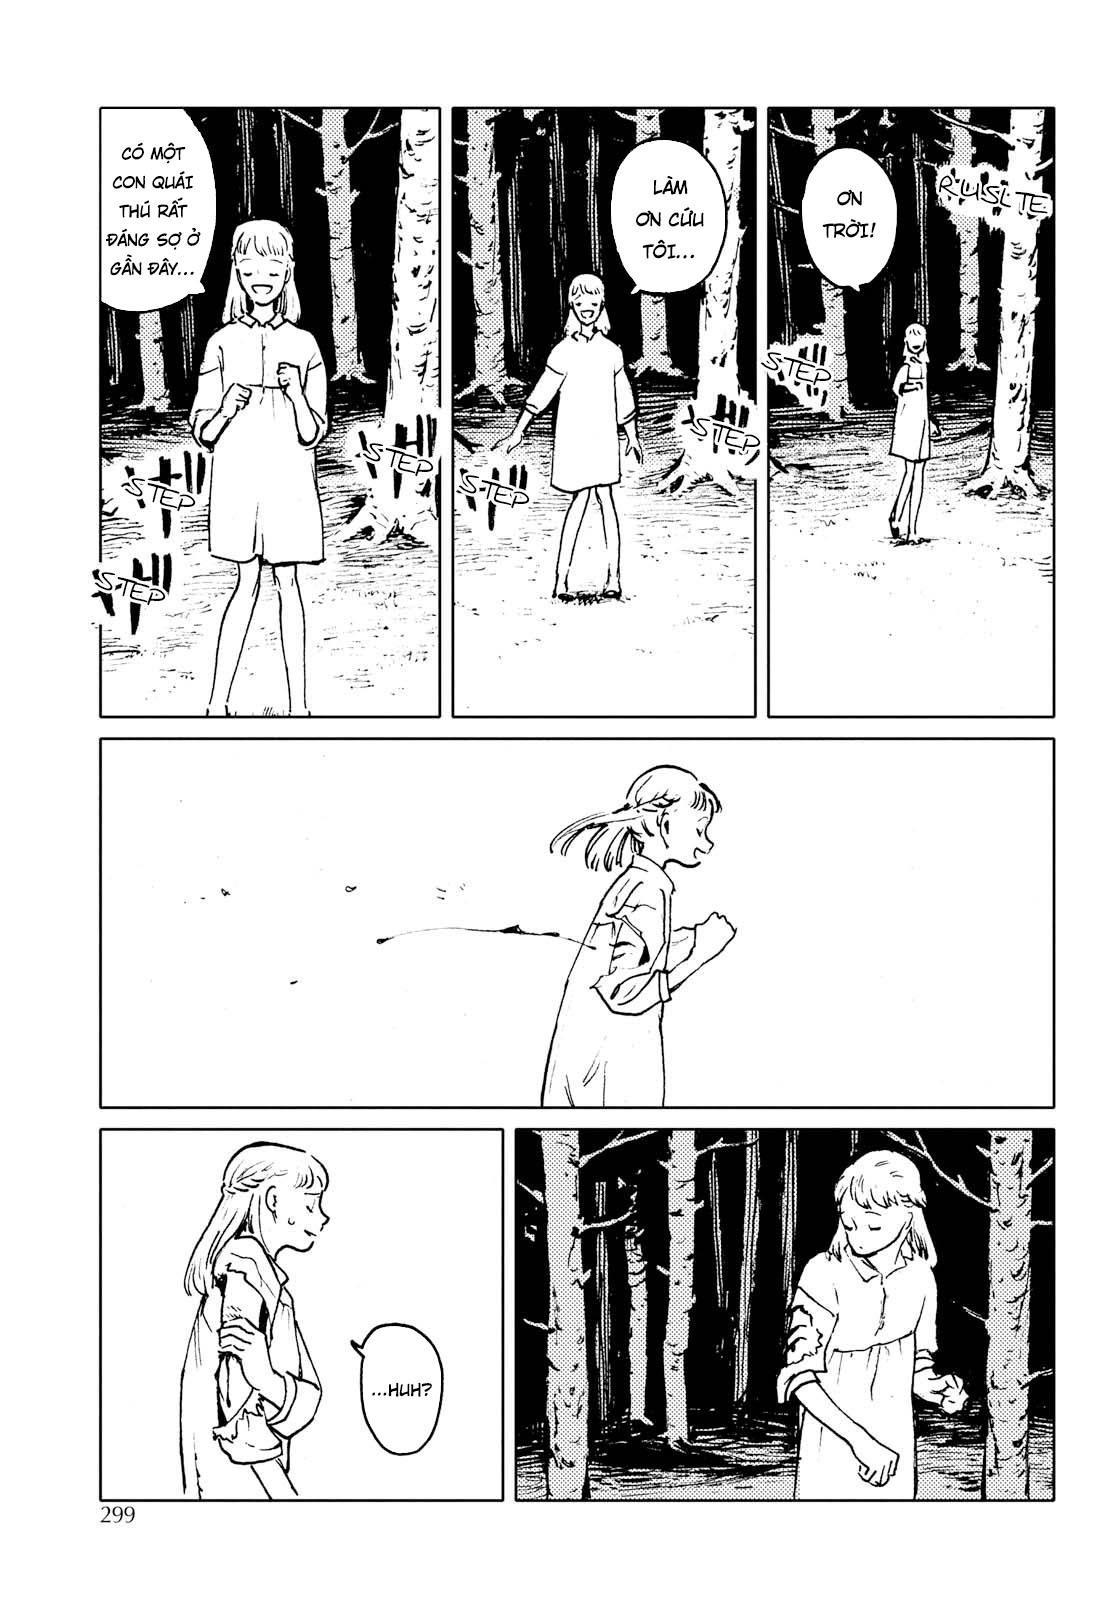 Quái Thú Và Cô Gái Mù: Chapter 2: (END)